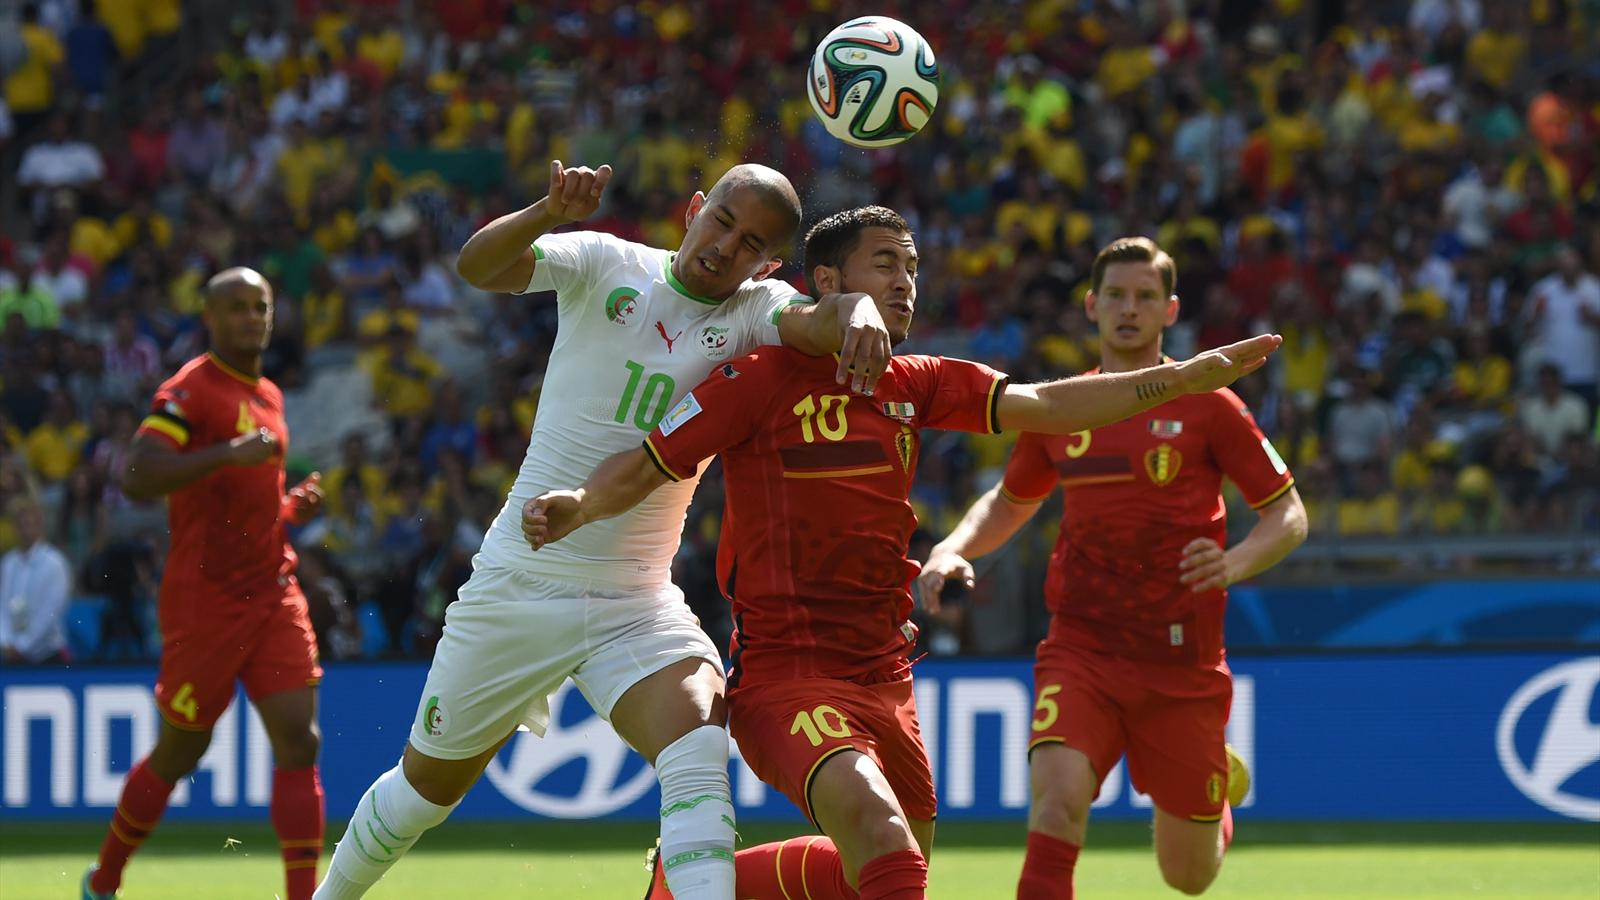 En direct live belgique alg rie coupe du monde 17 - Regarder la coupe d afrique en direct ...